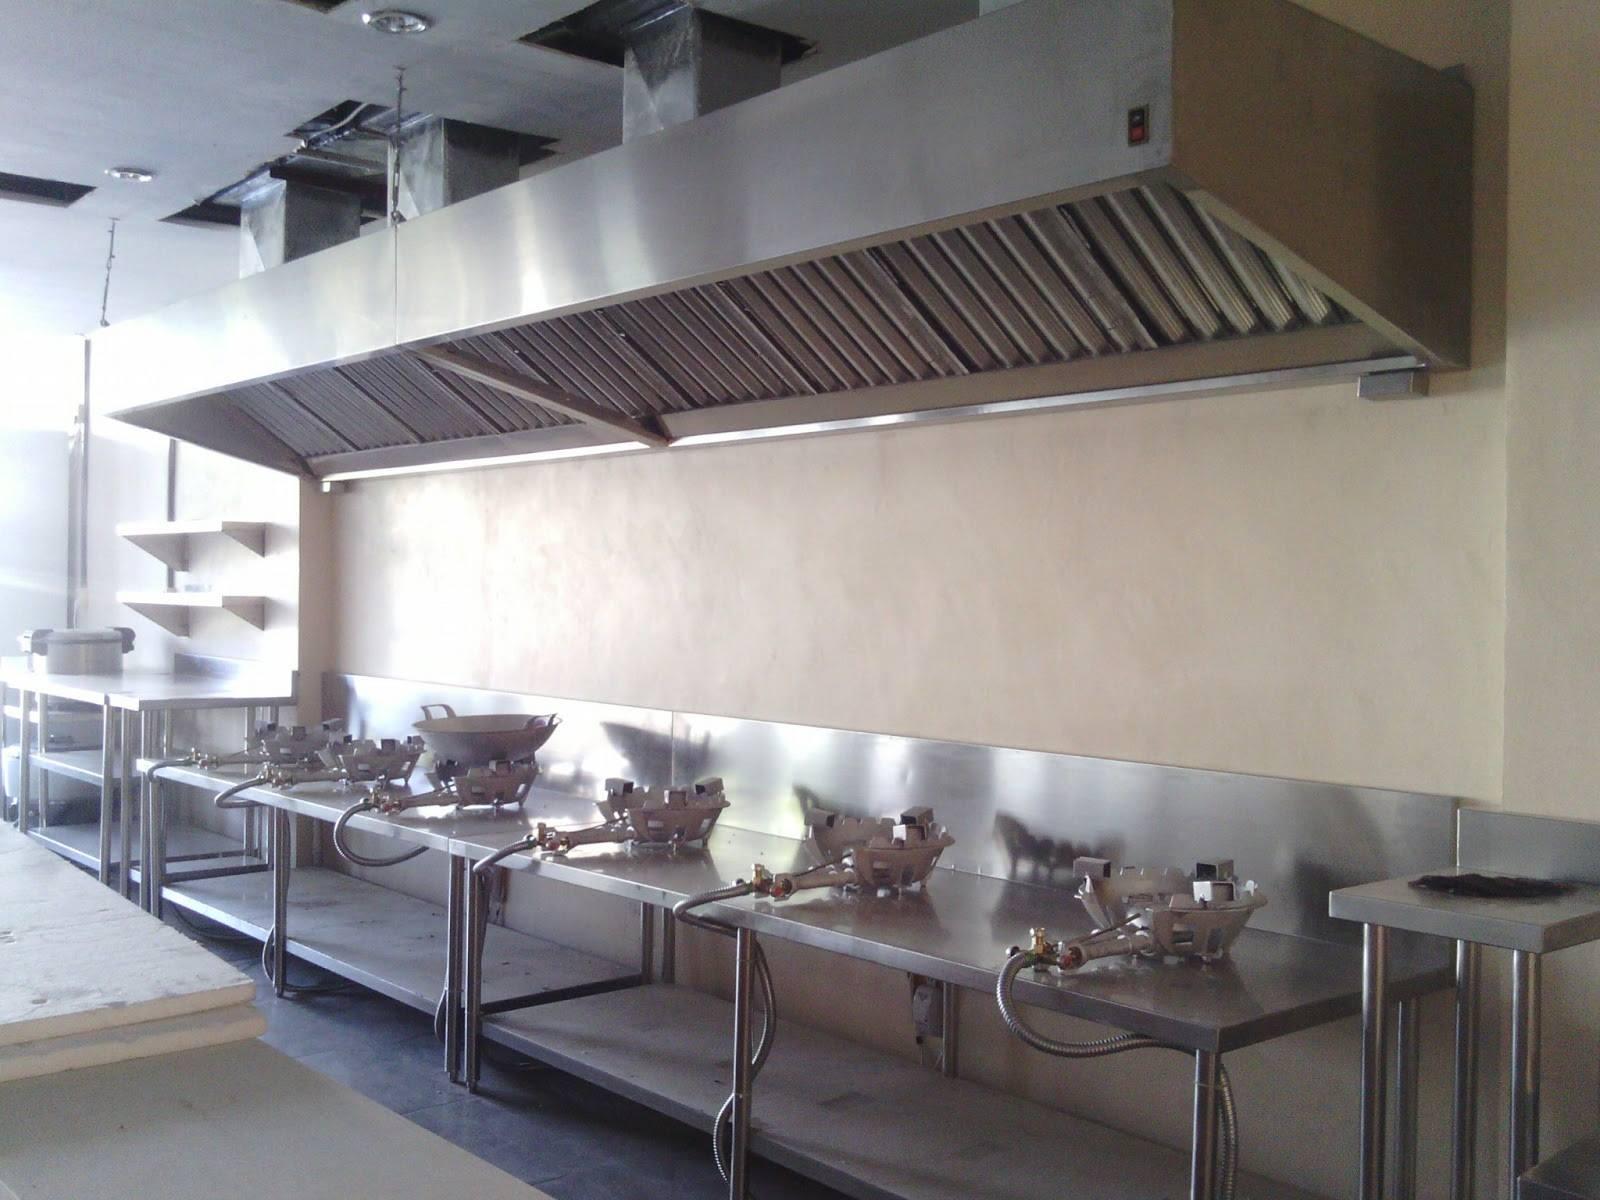 Area Dapur Catering Restoran